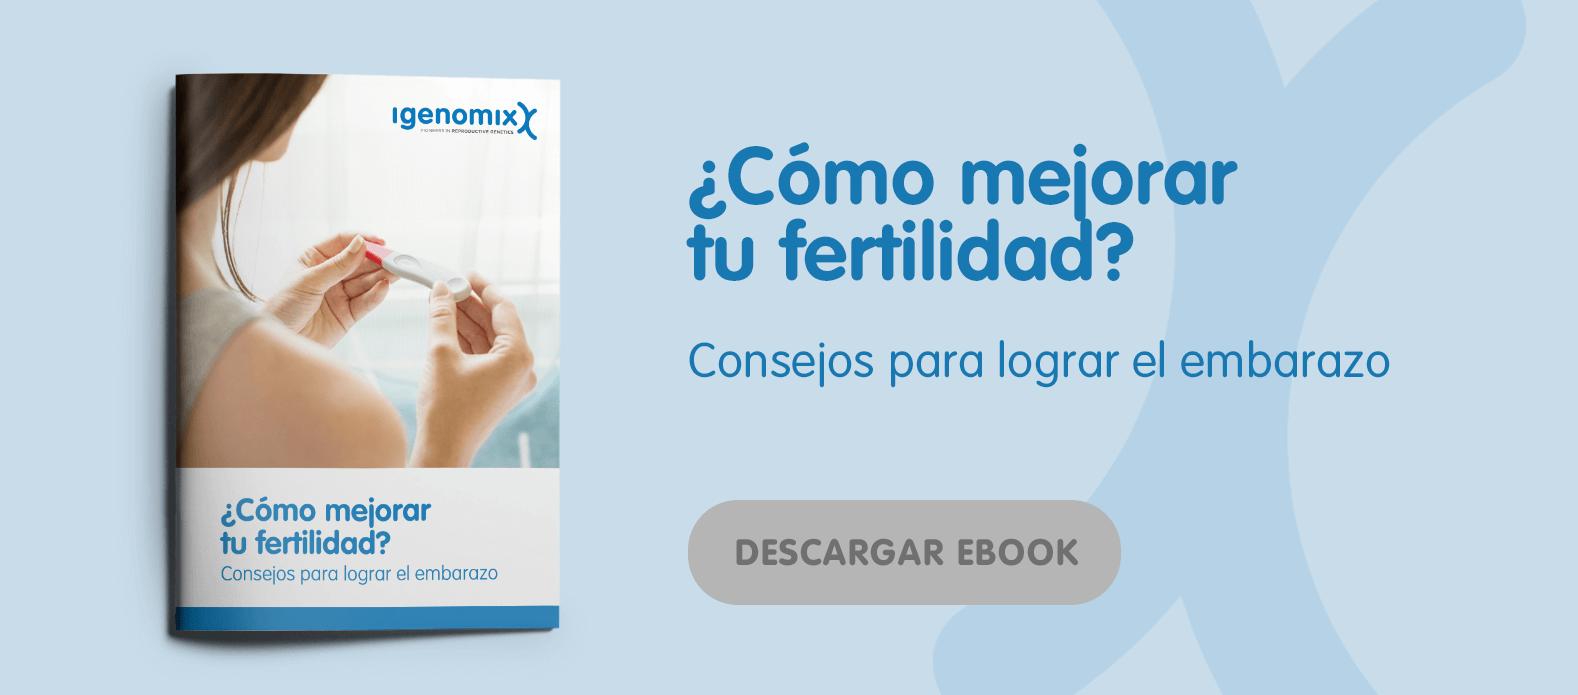 IGE-ES - CTA post - ¿Cómo mejorar tu fertilidad?